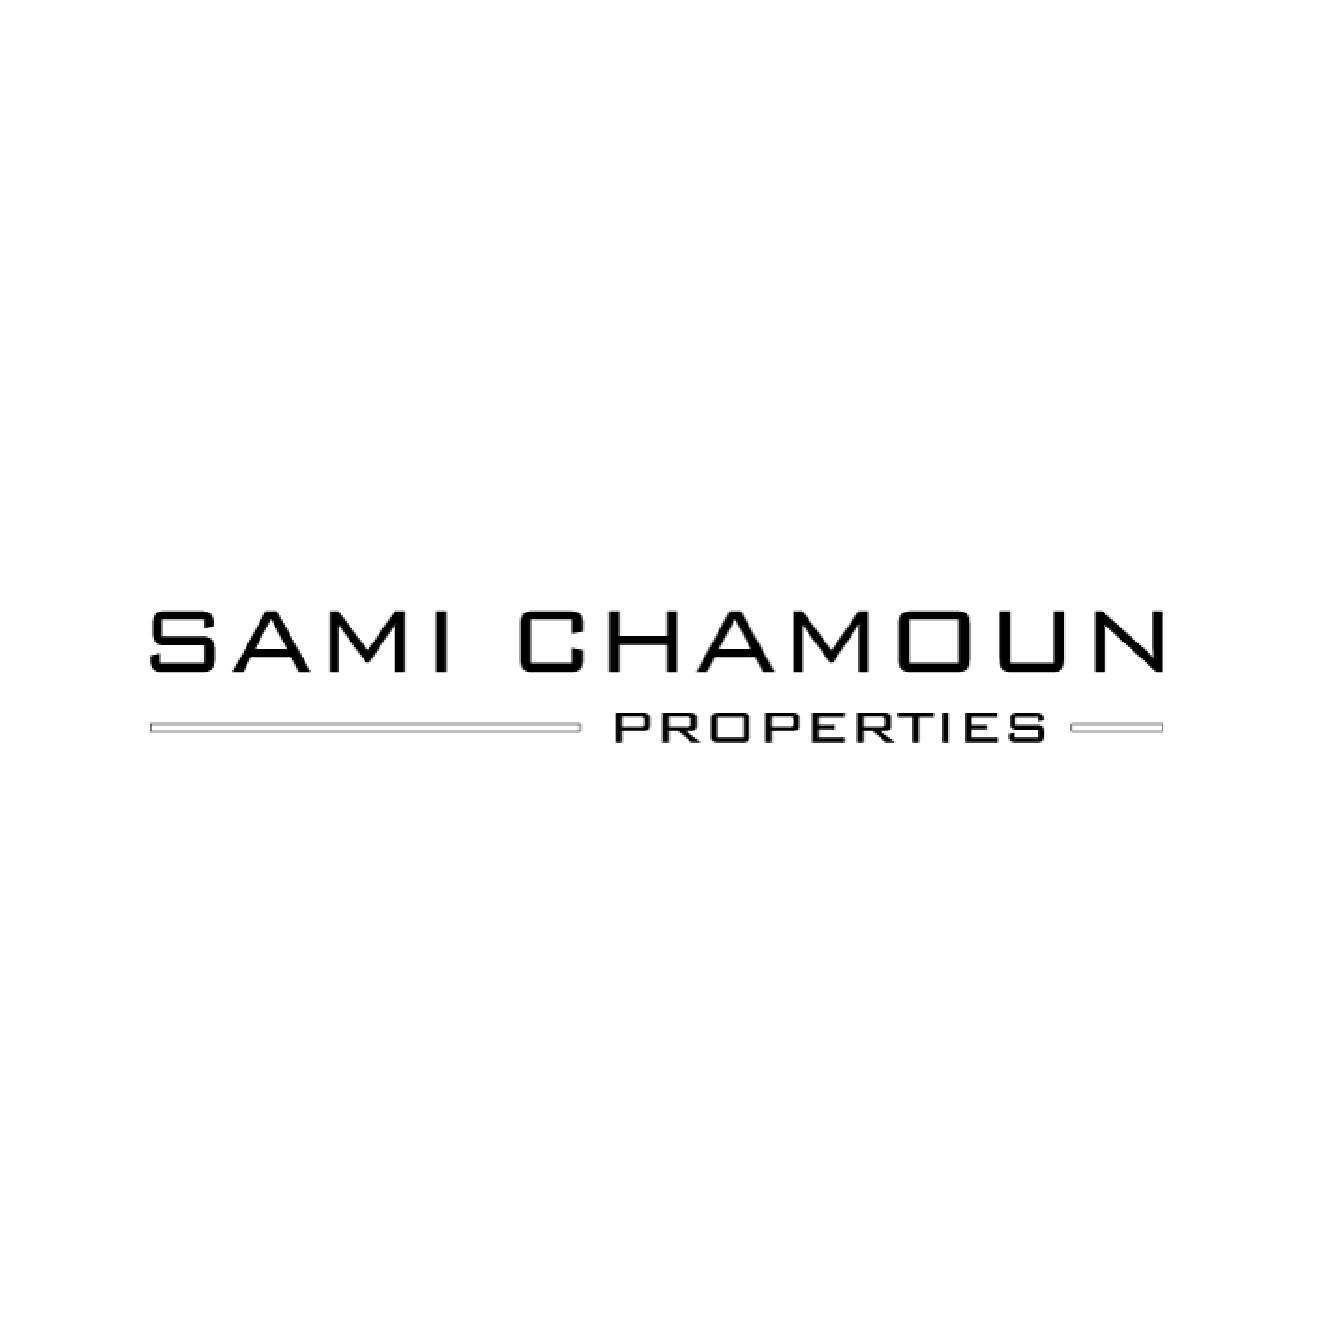 Sami Chamoun